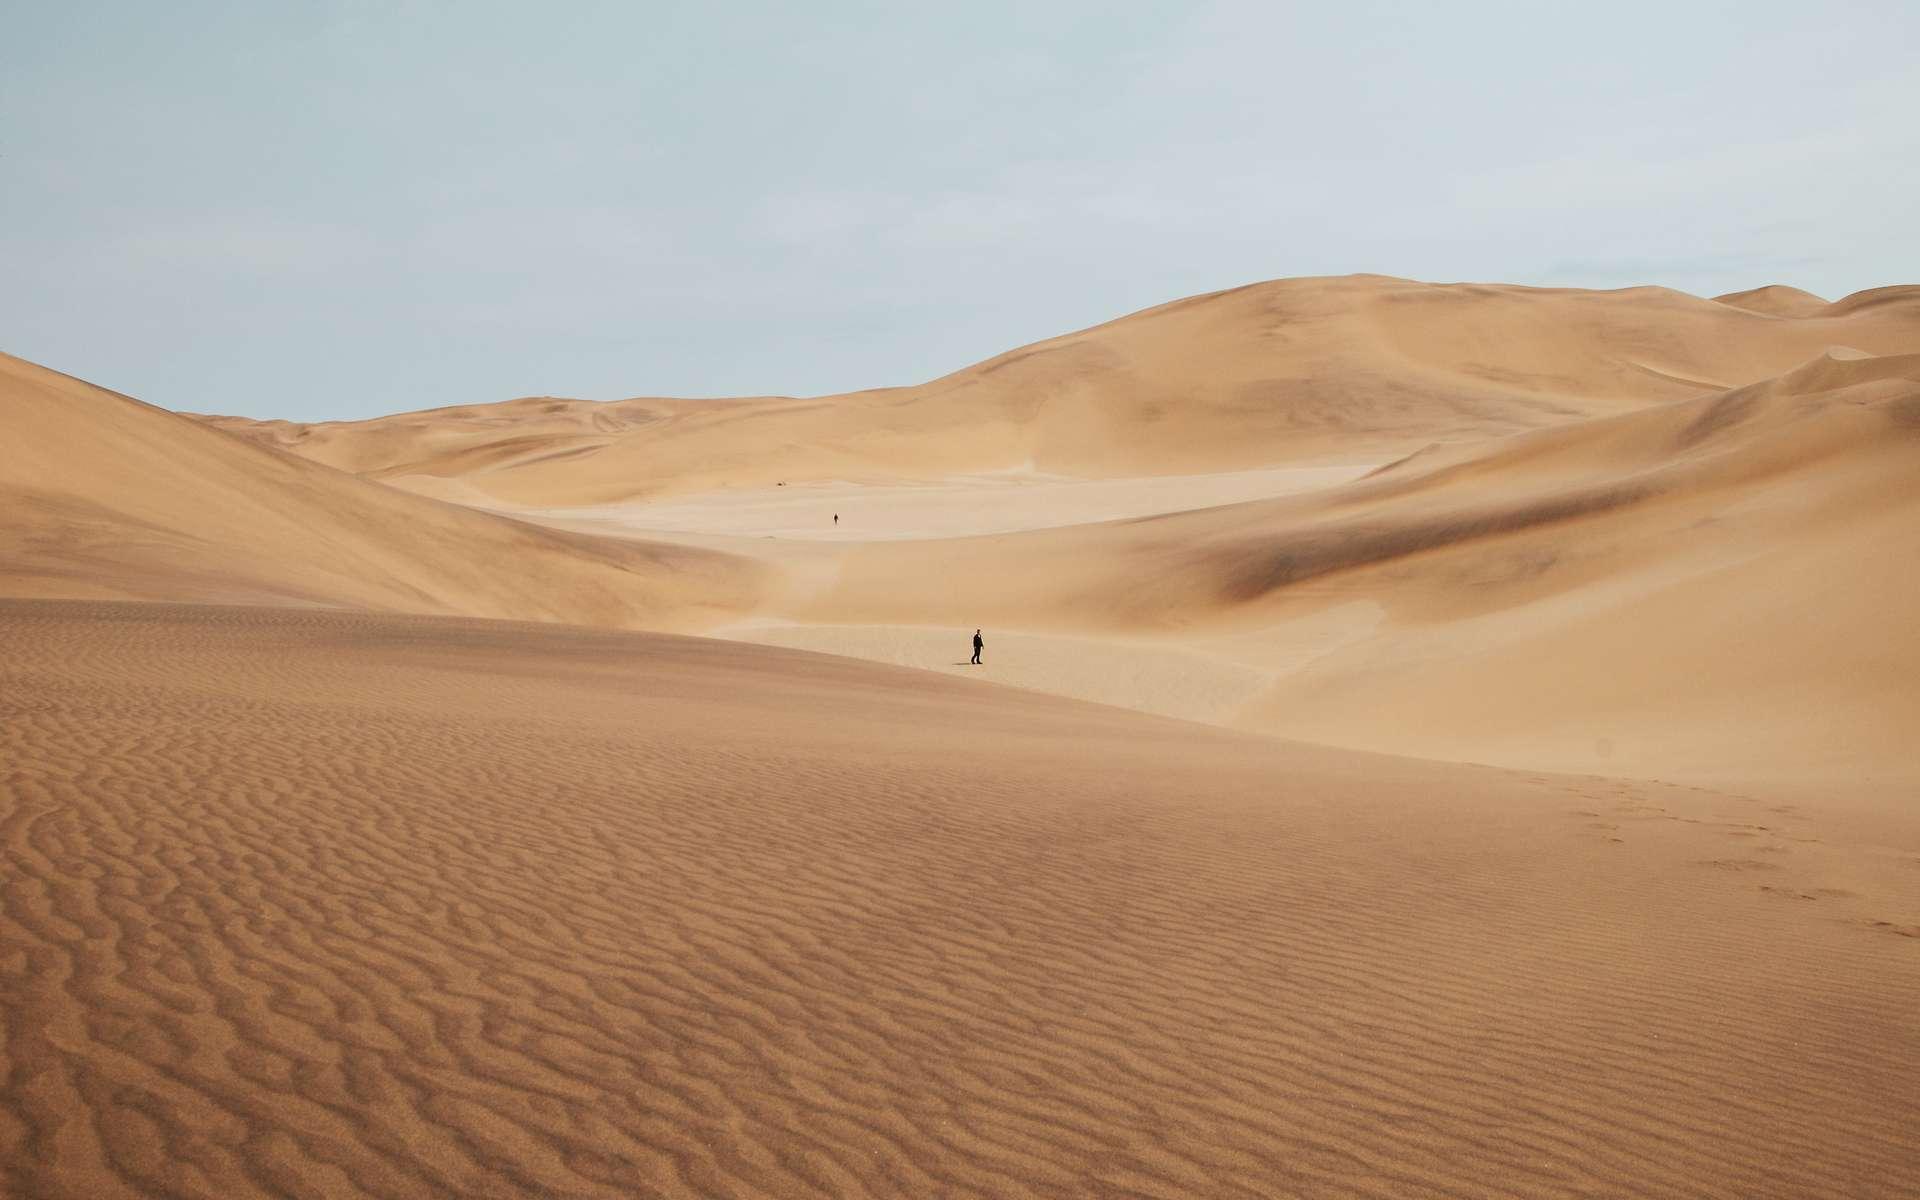 Le sable du désert est trop fin pour fabriquer du béton. © Keith Hardy, Unsplash